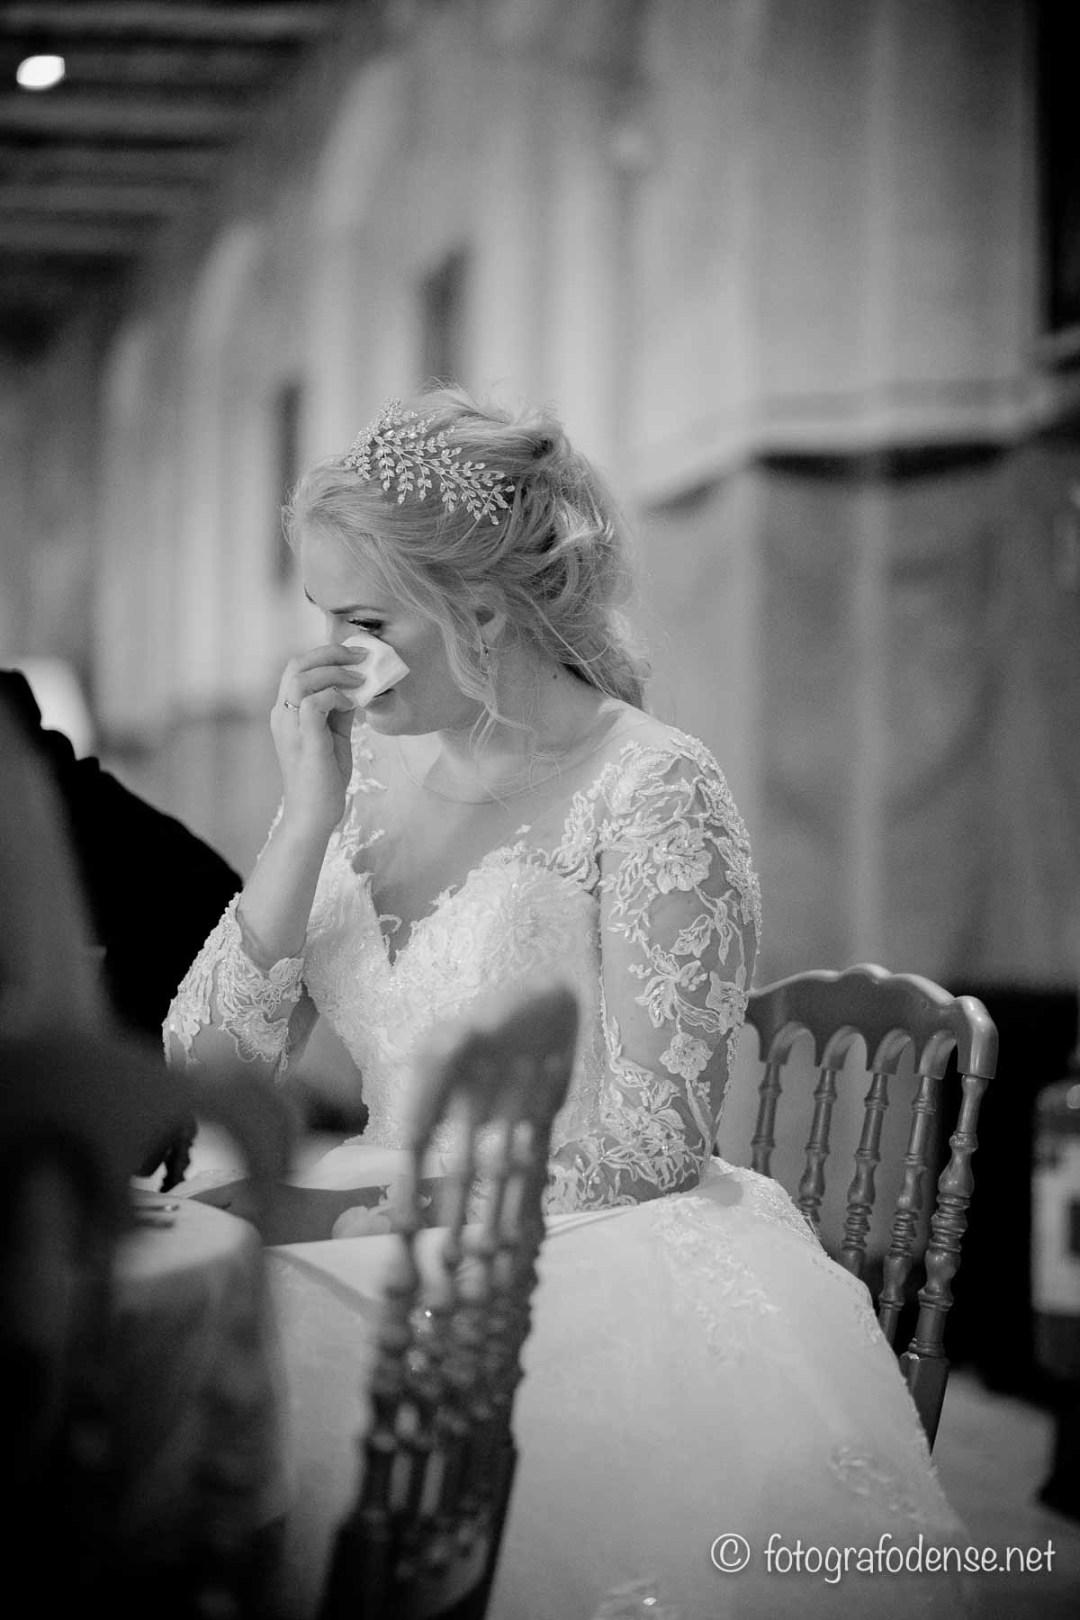 Bryllup 2019: Inspiration, ideer og guides til dit drømmebryllup